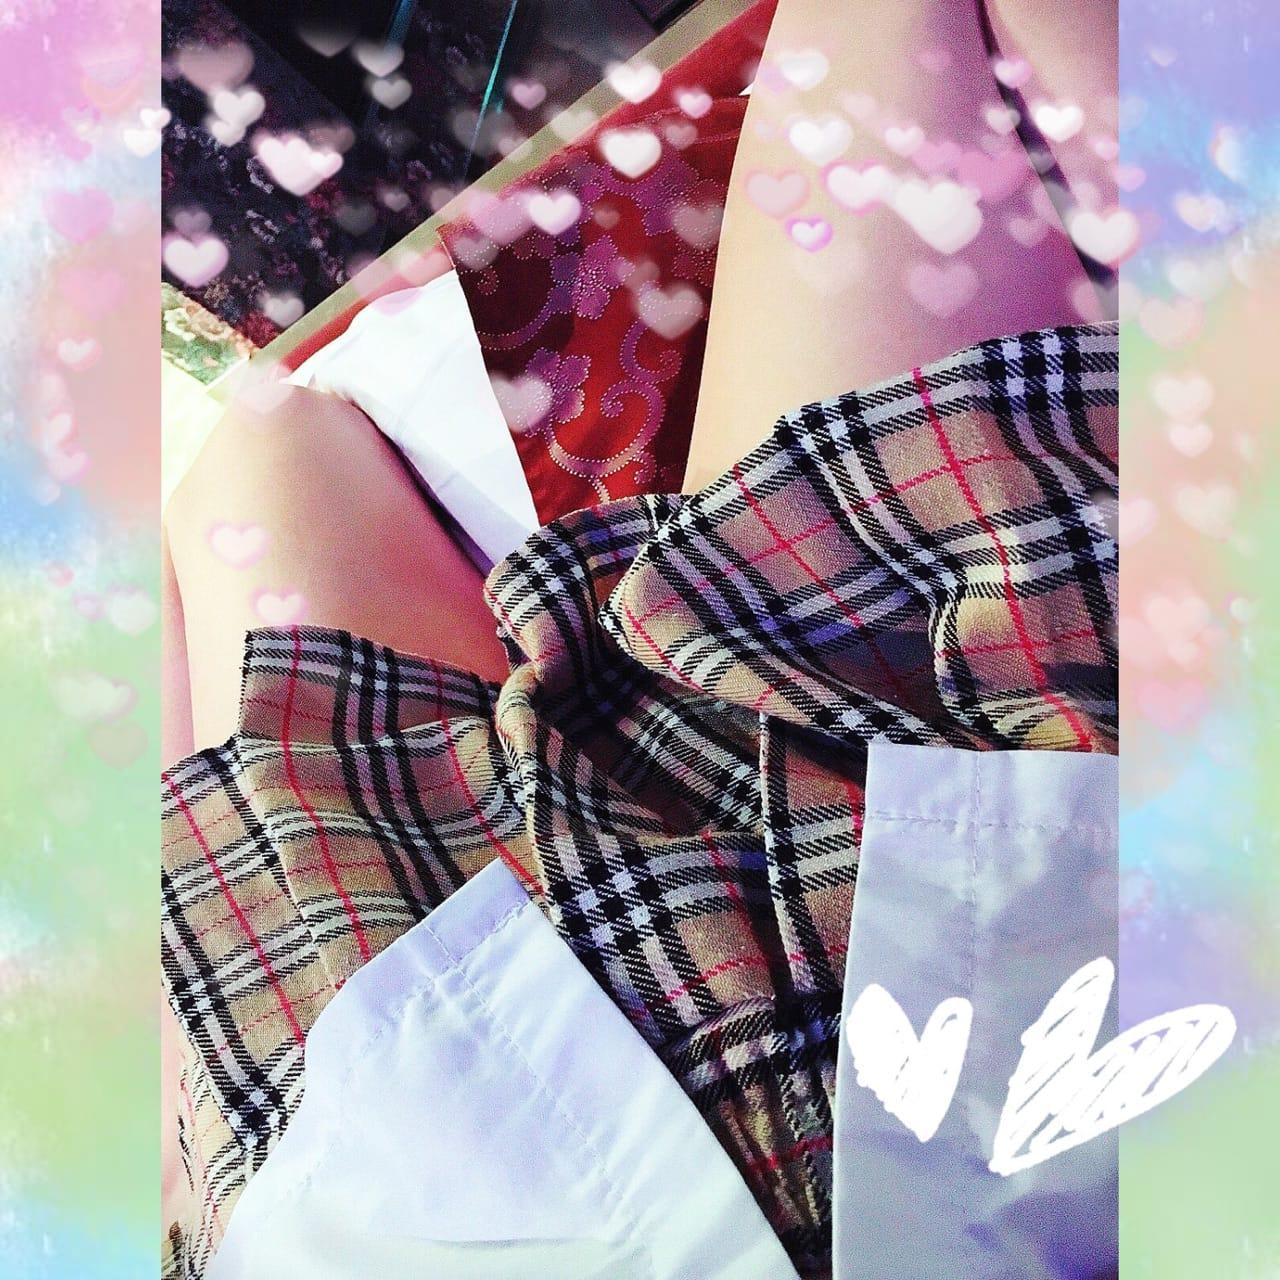 らん☆F乳くびれ無敵未経験♪「*」12/17(日) 15:05   らん☆F乳くびれ無敵未経験♪の写メ・風俗動画